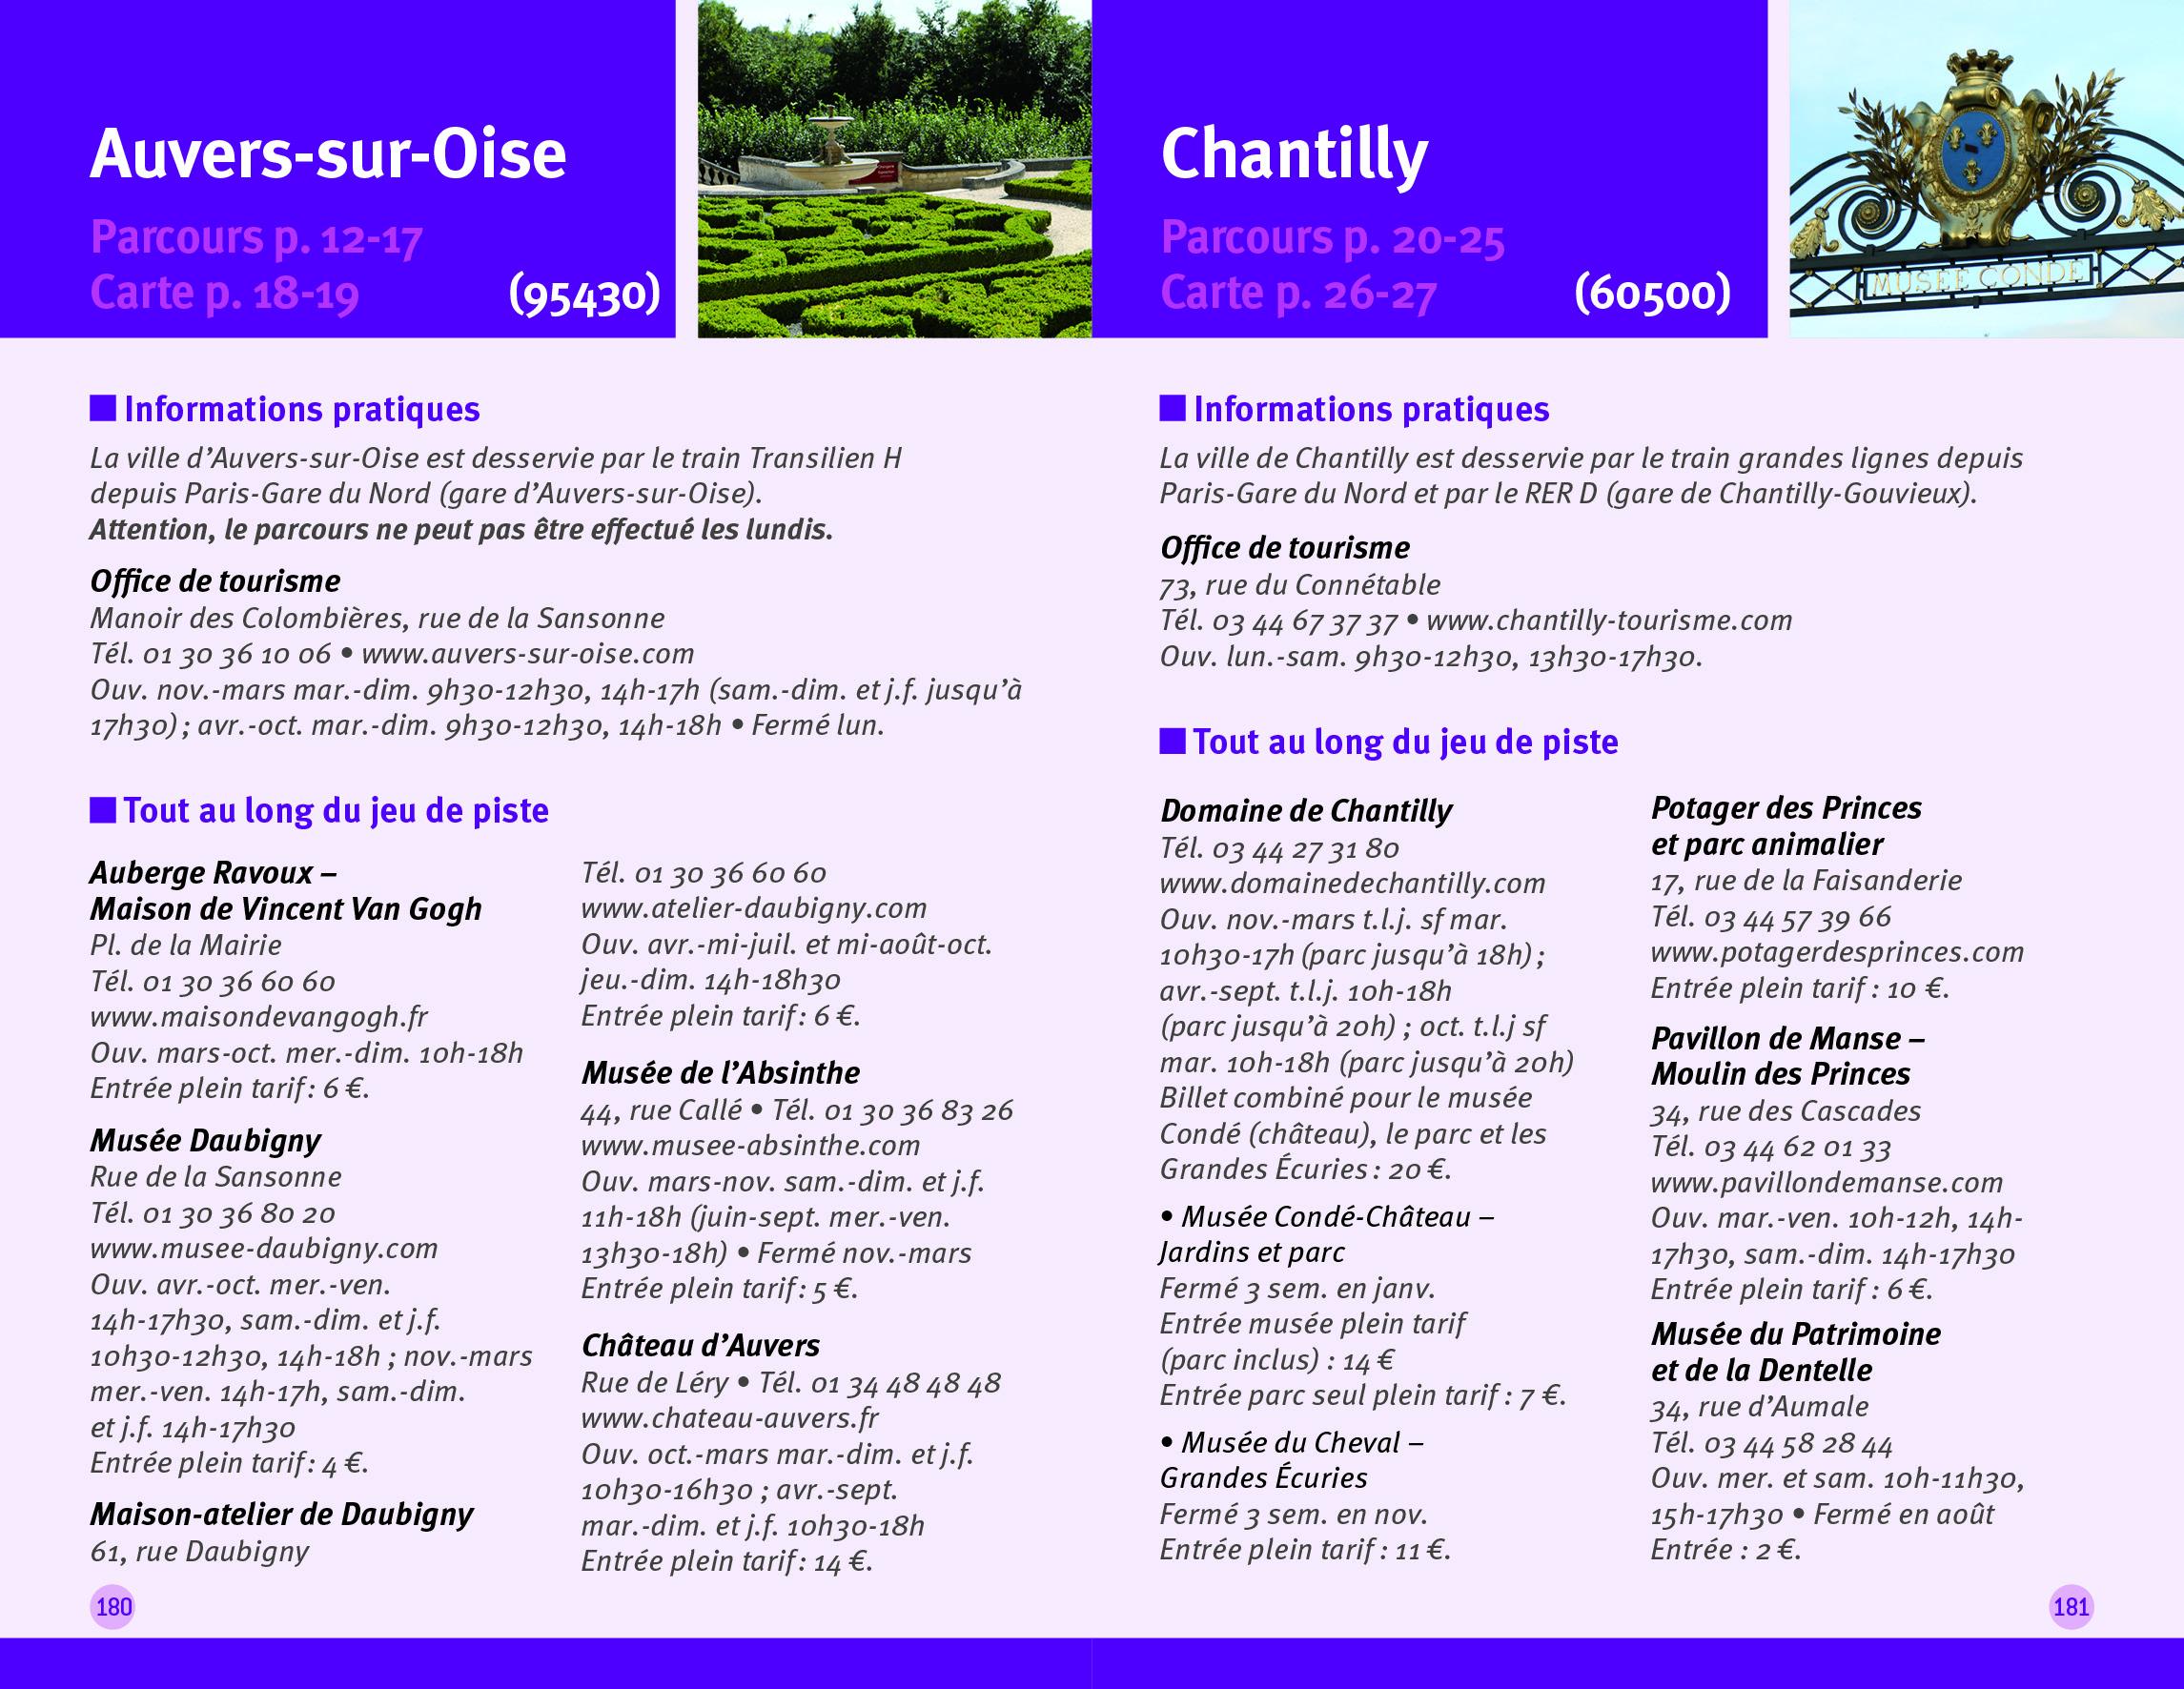 Jeux De Piste Autour De Paris Les Carnets Parisiens Guides Hachette Tourisme